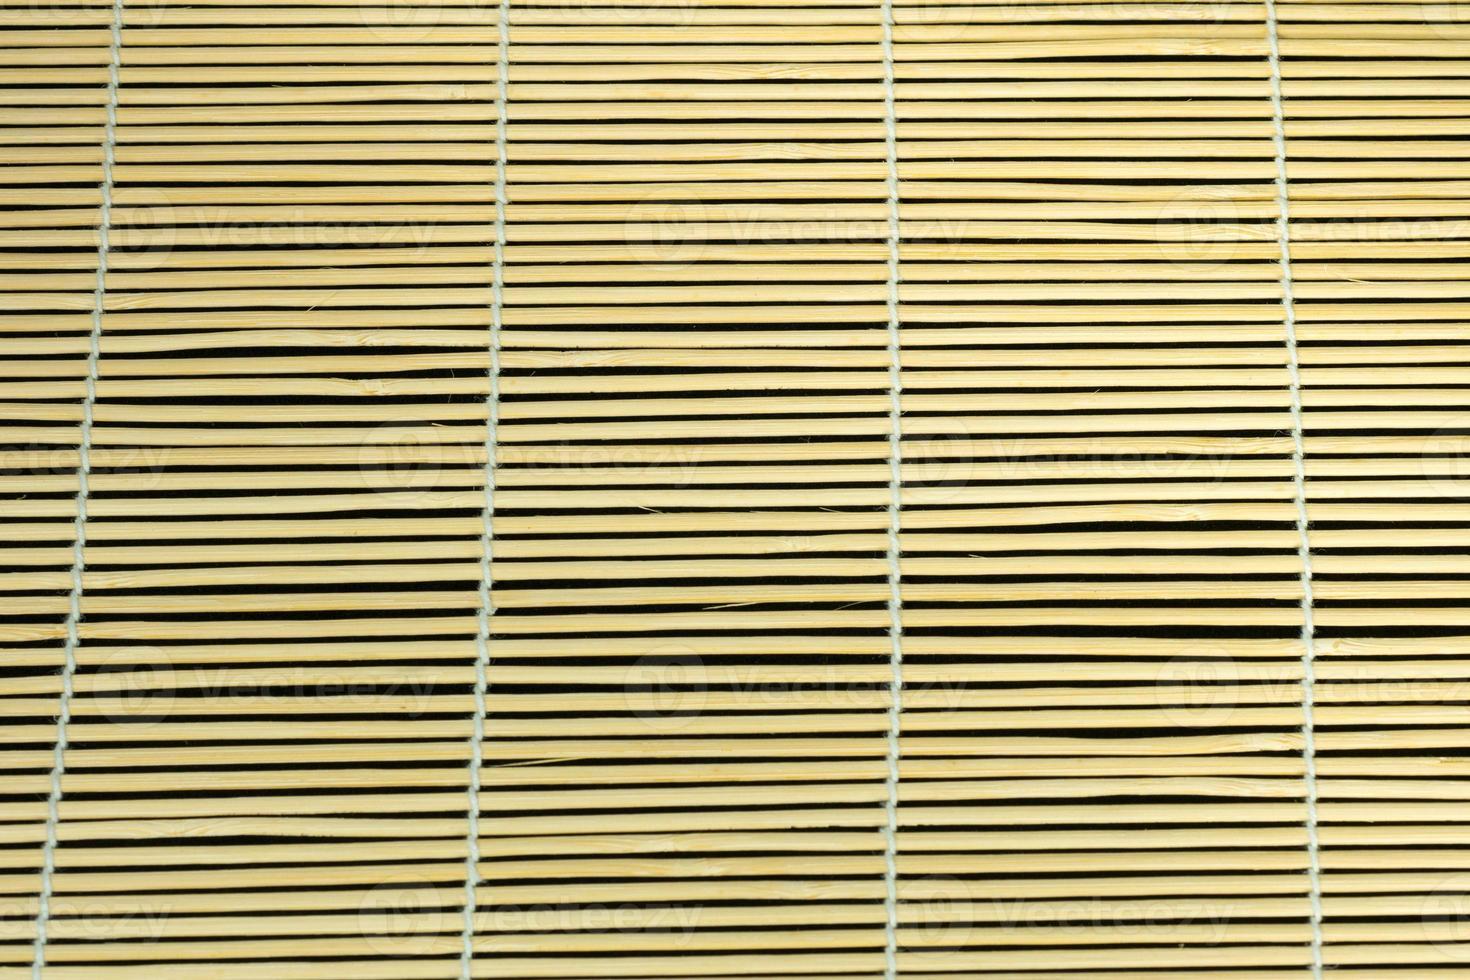 tenda di bambù. foto